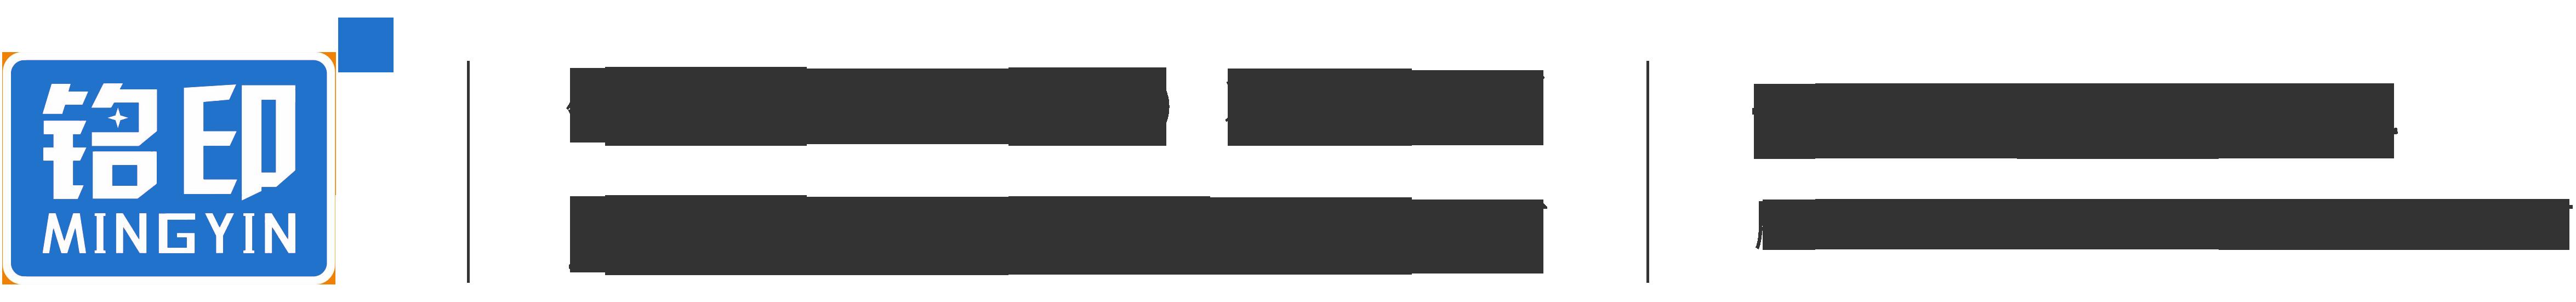 铭印建材(惠州)有限公司